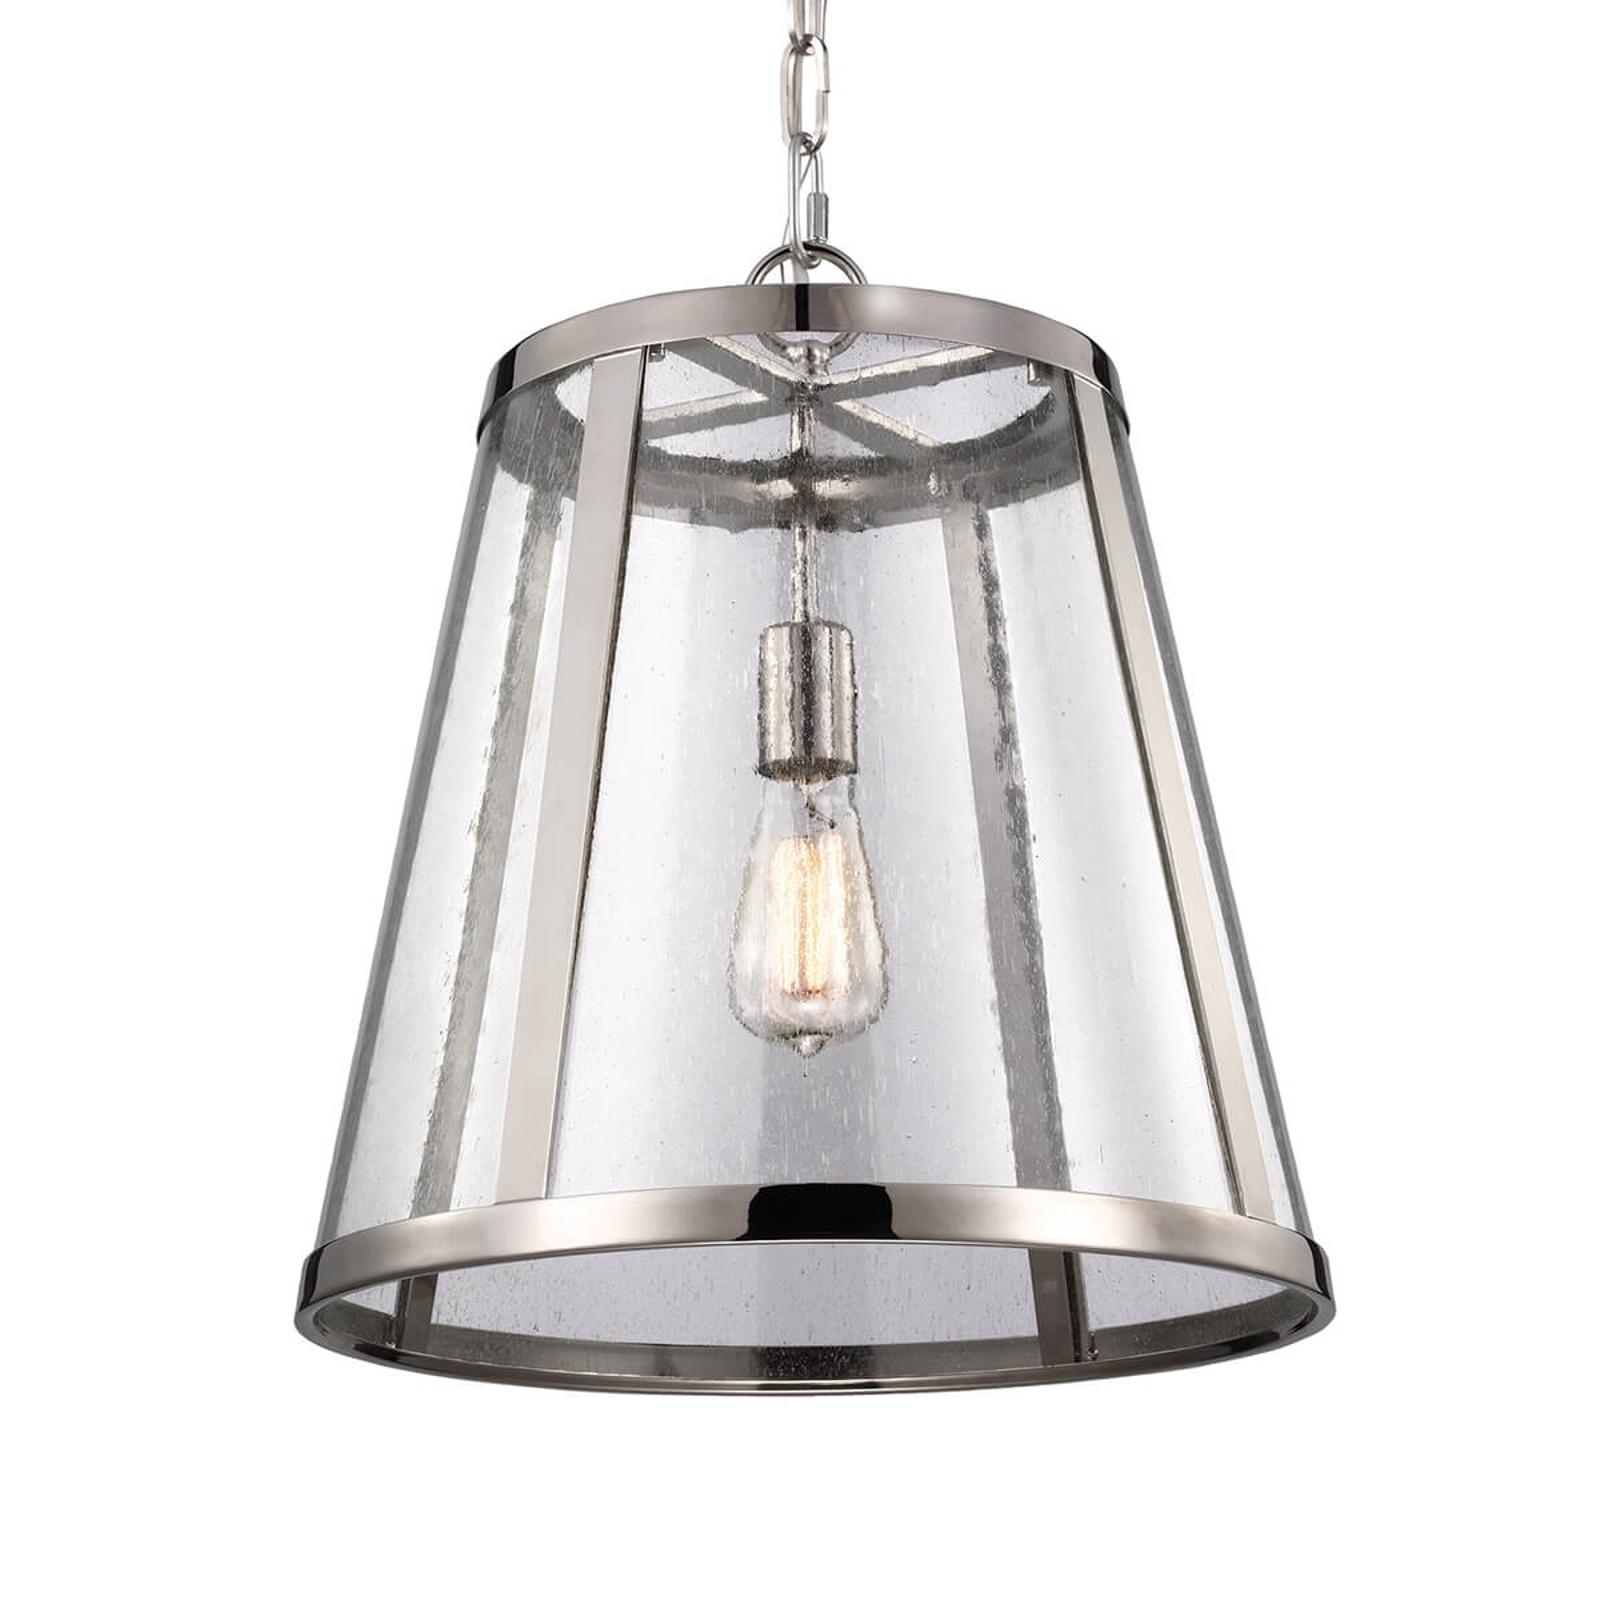 Z zawieszeniem łańcuchowym – lampa wisząca Harrow